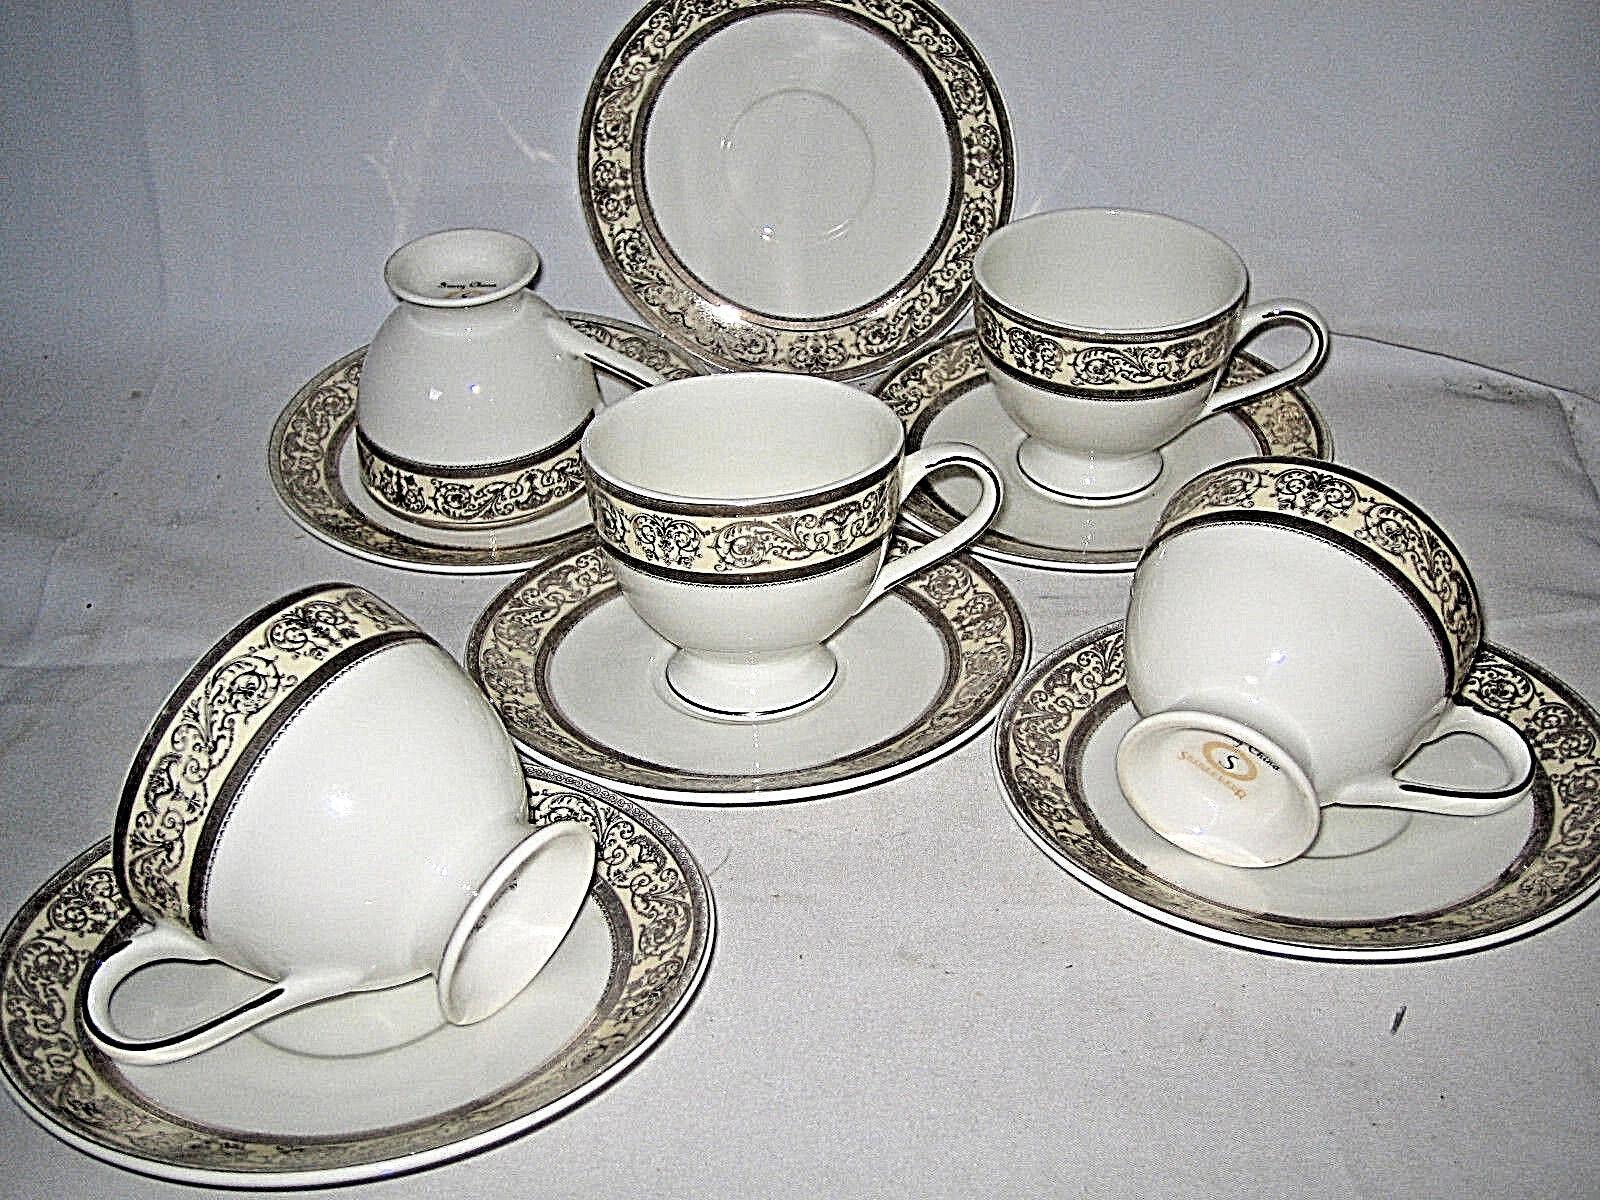 Shinepukur Ambrosia Platinum Cups and Saucers Lot Scrolls 11-pcs RARE